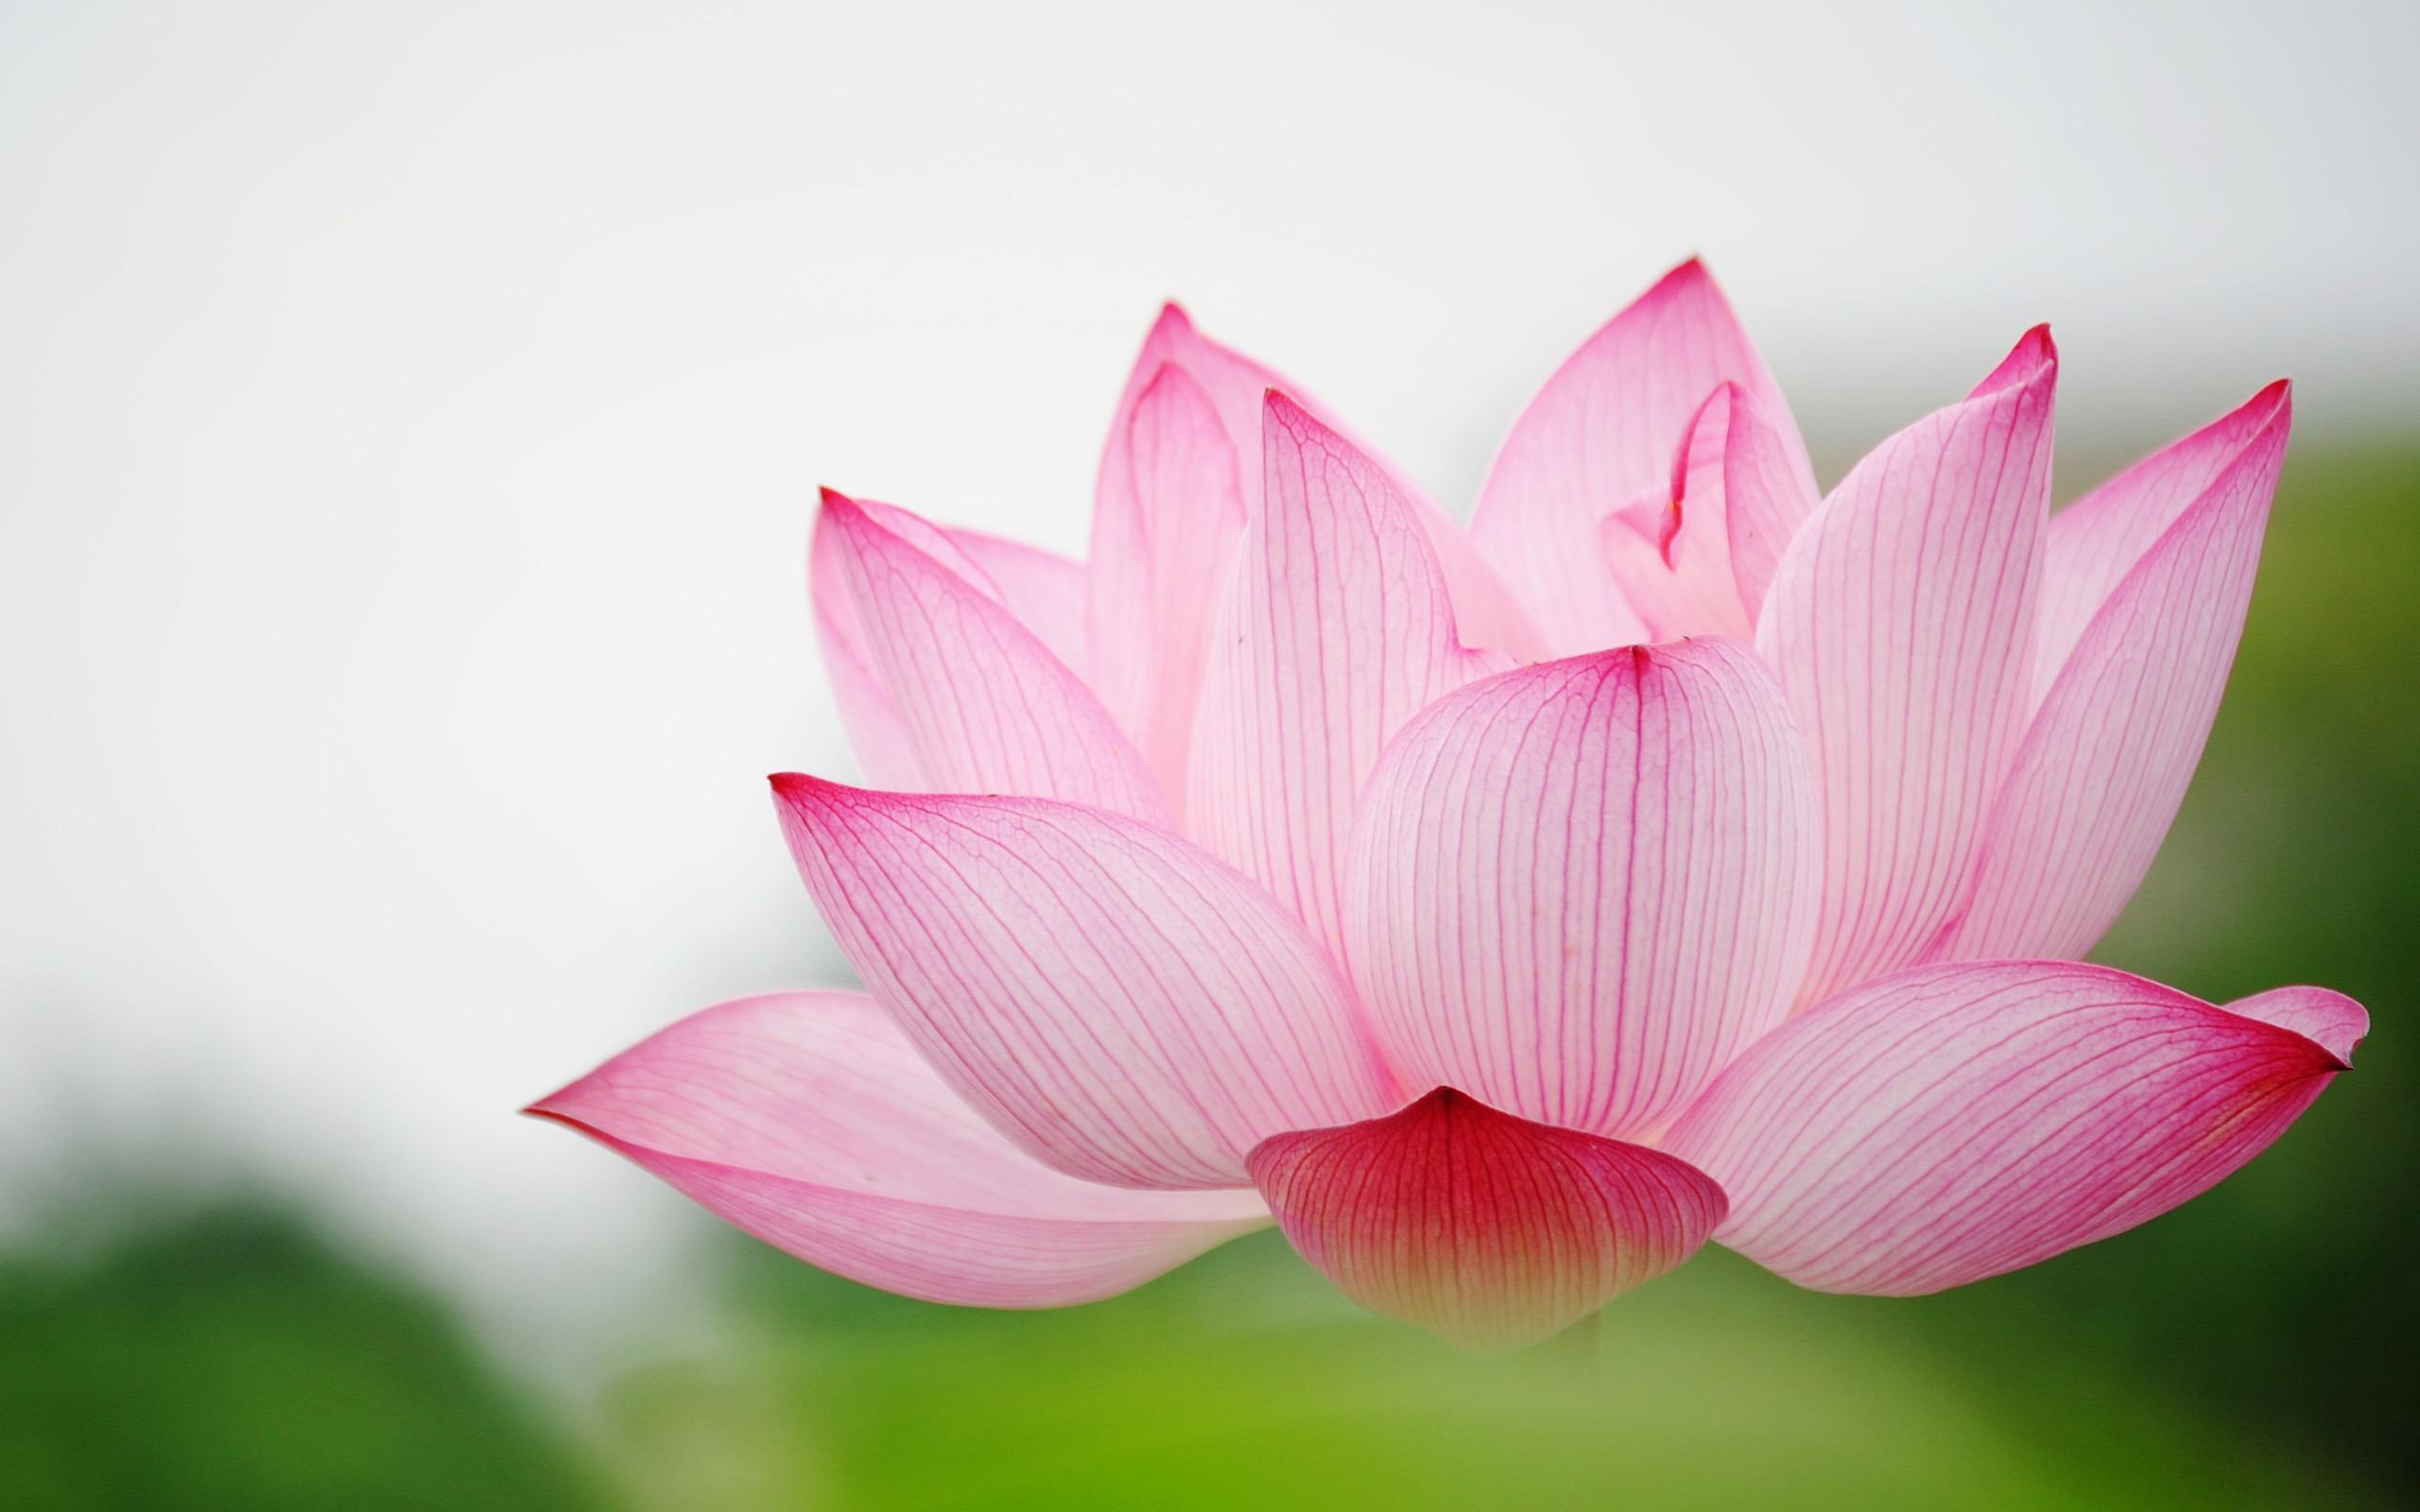 nature pink lotus wallpapers image